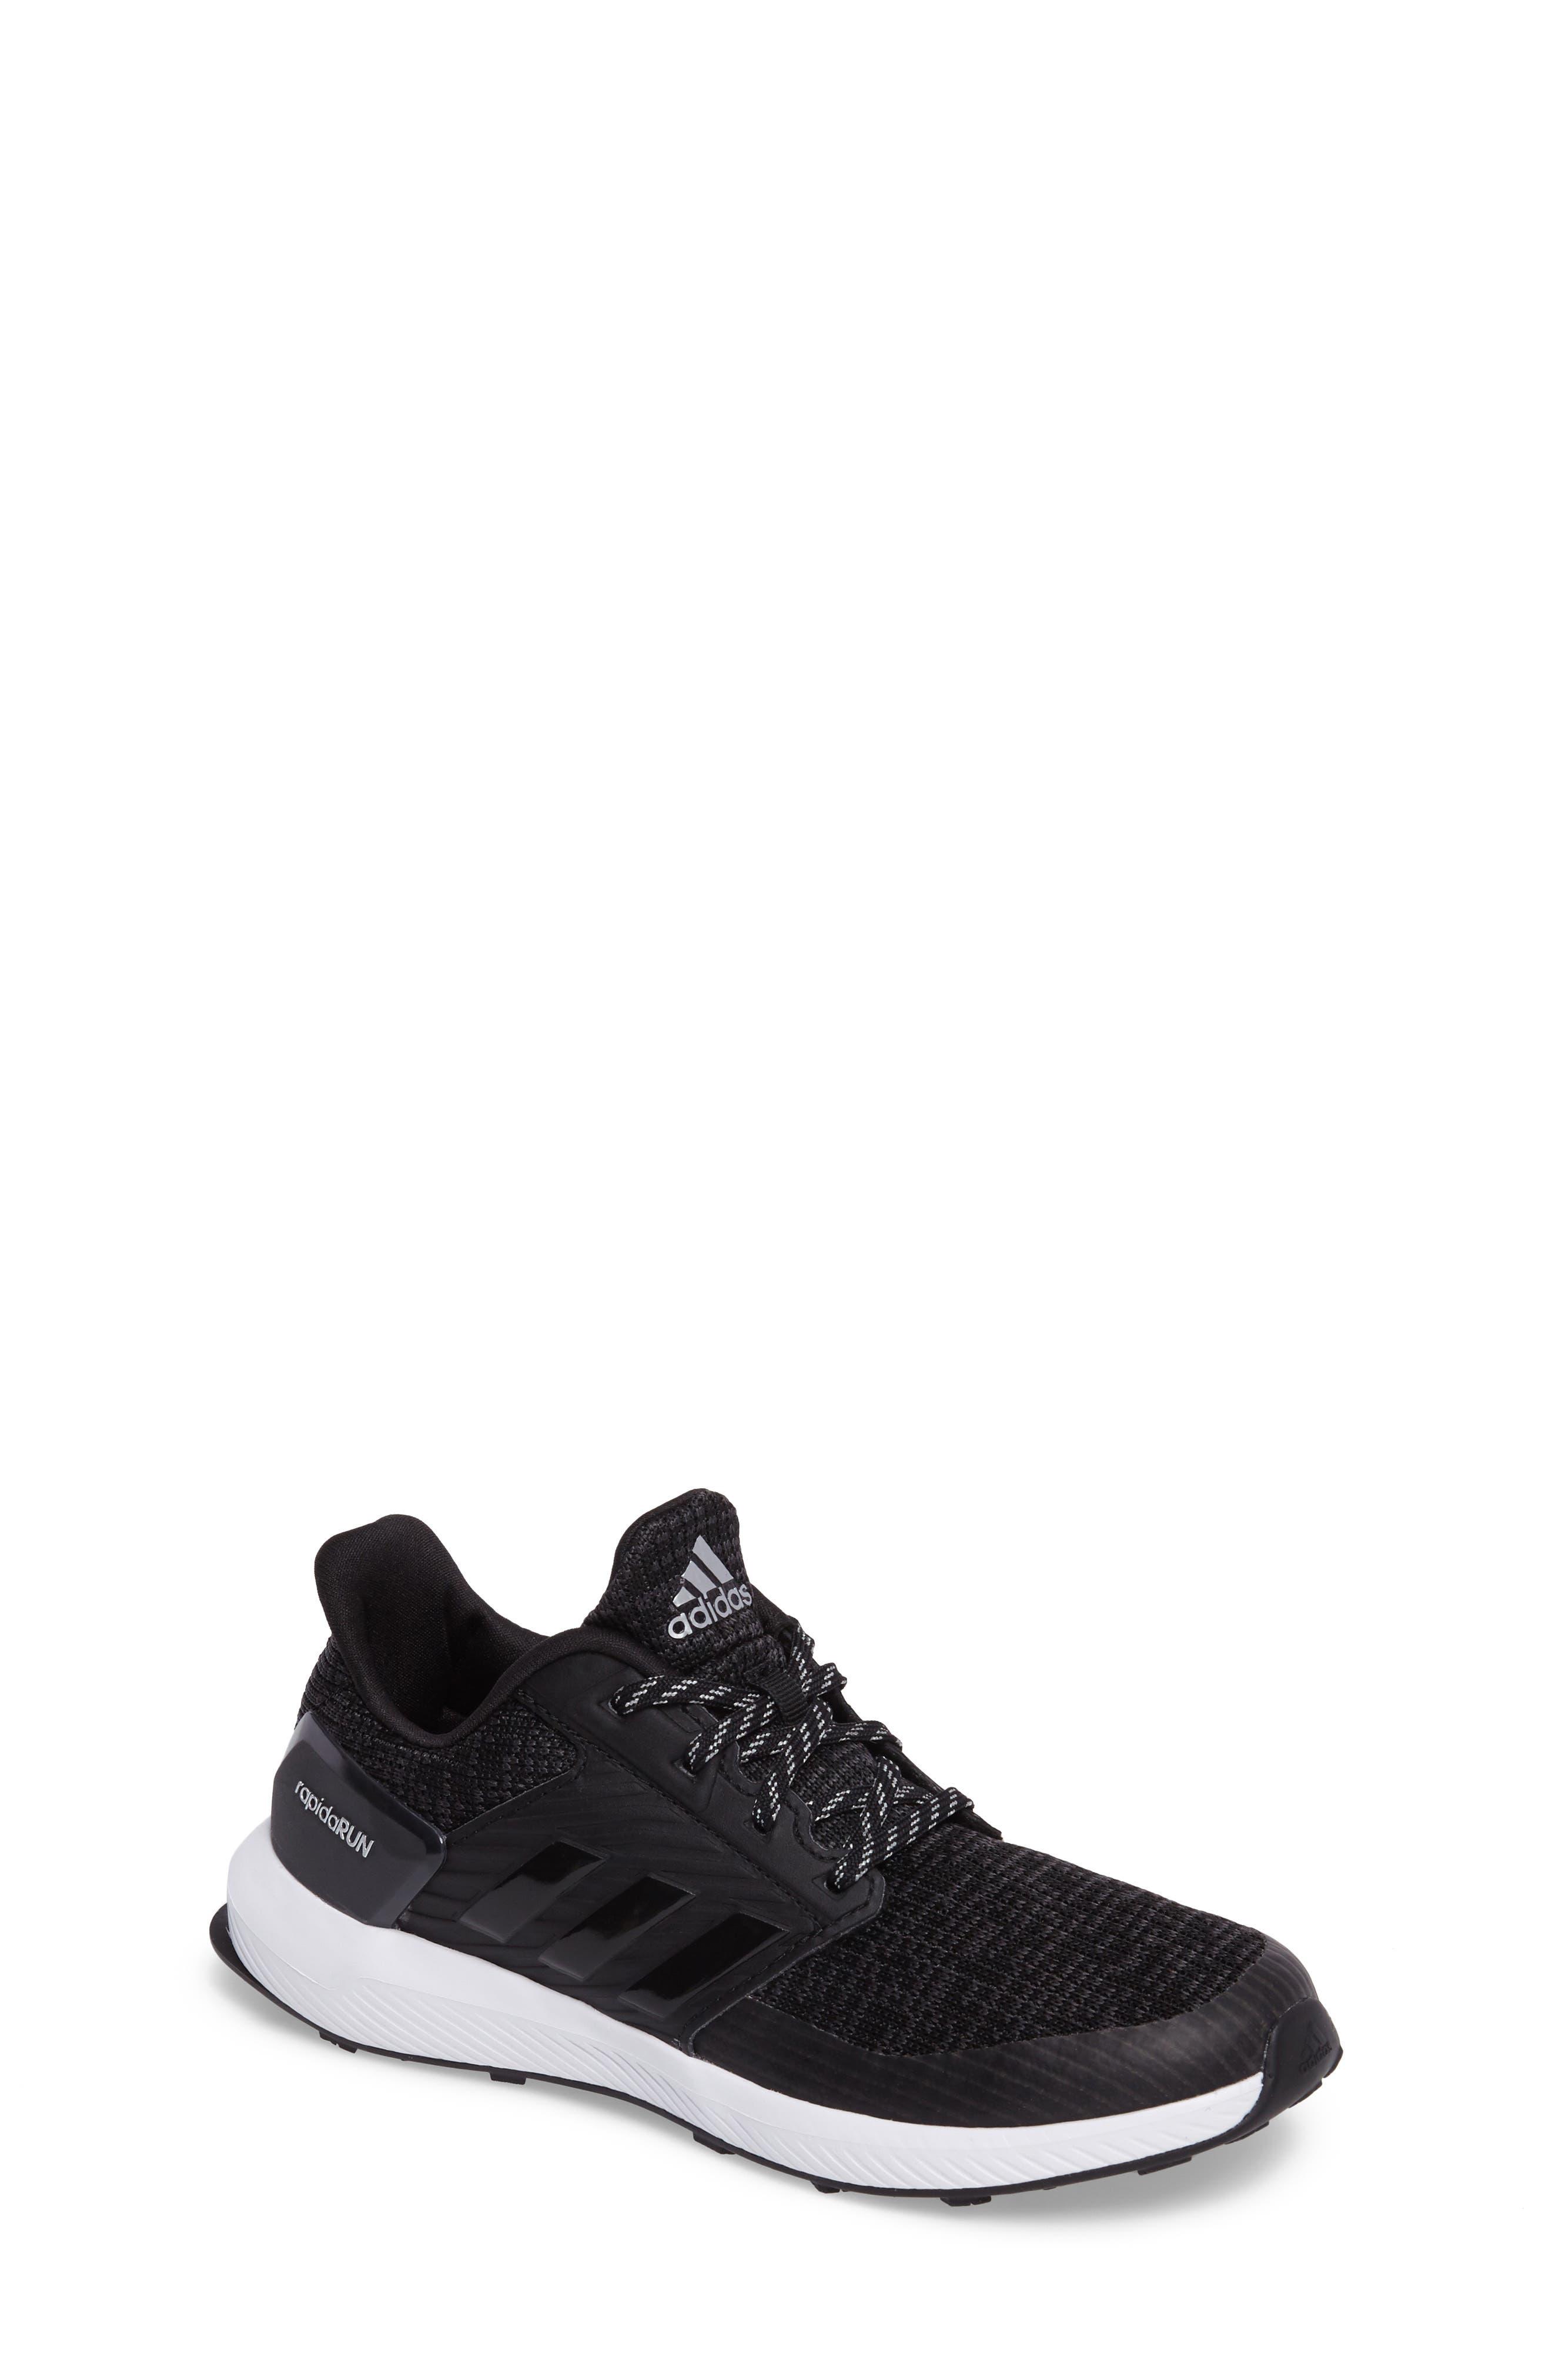 RapidaRUN Lux Sneaker,                             Main thumbnail 1, color,                             001